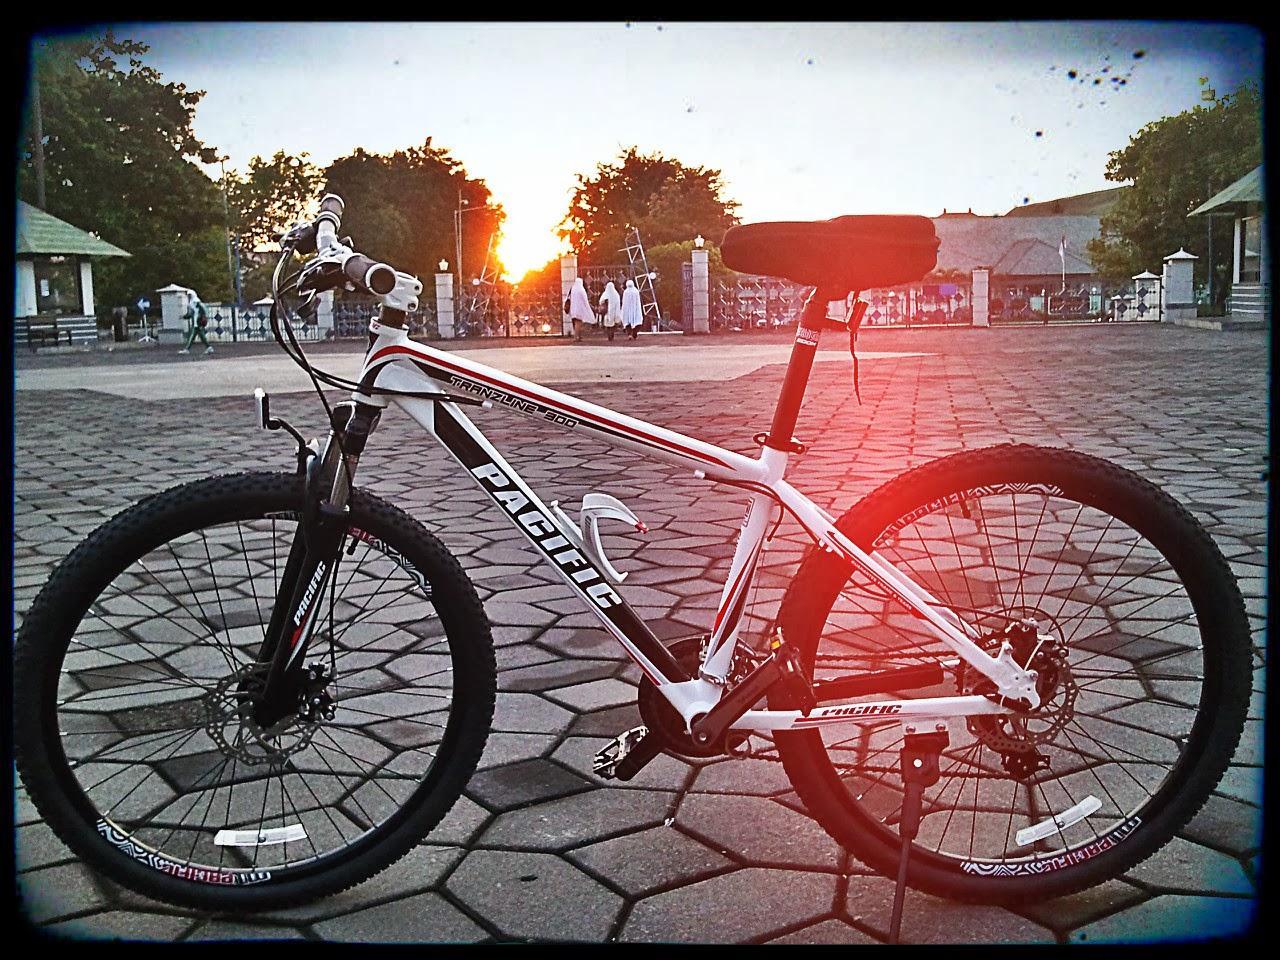 Daftar Harga Sepeda Pacific Terbaru Update 2014